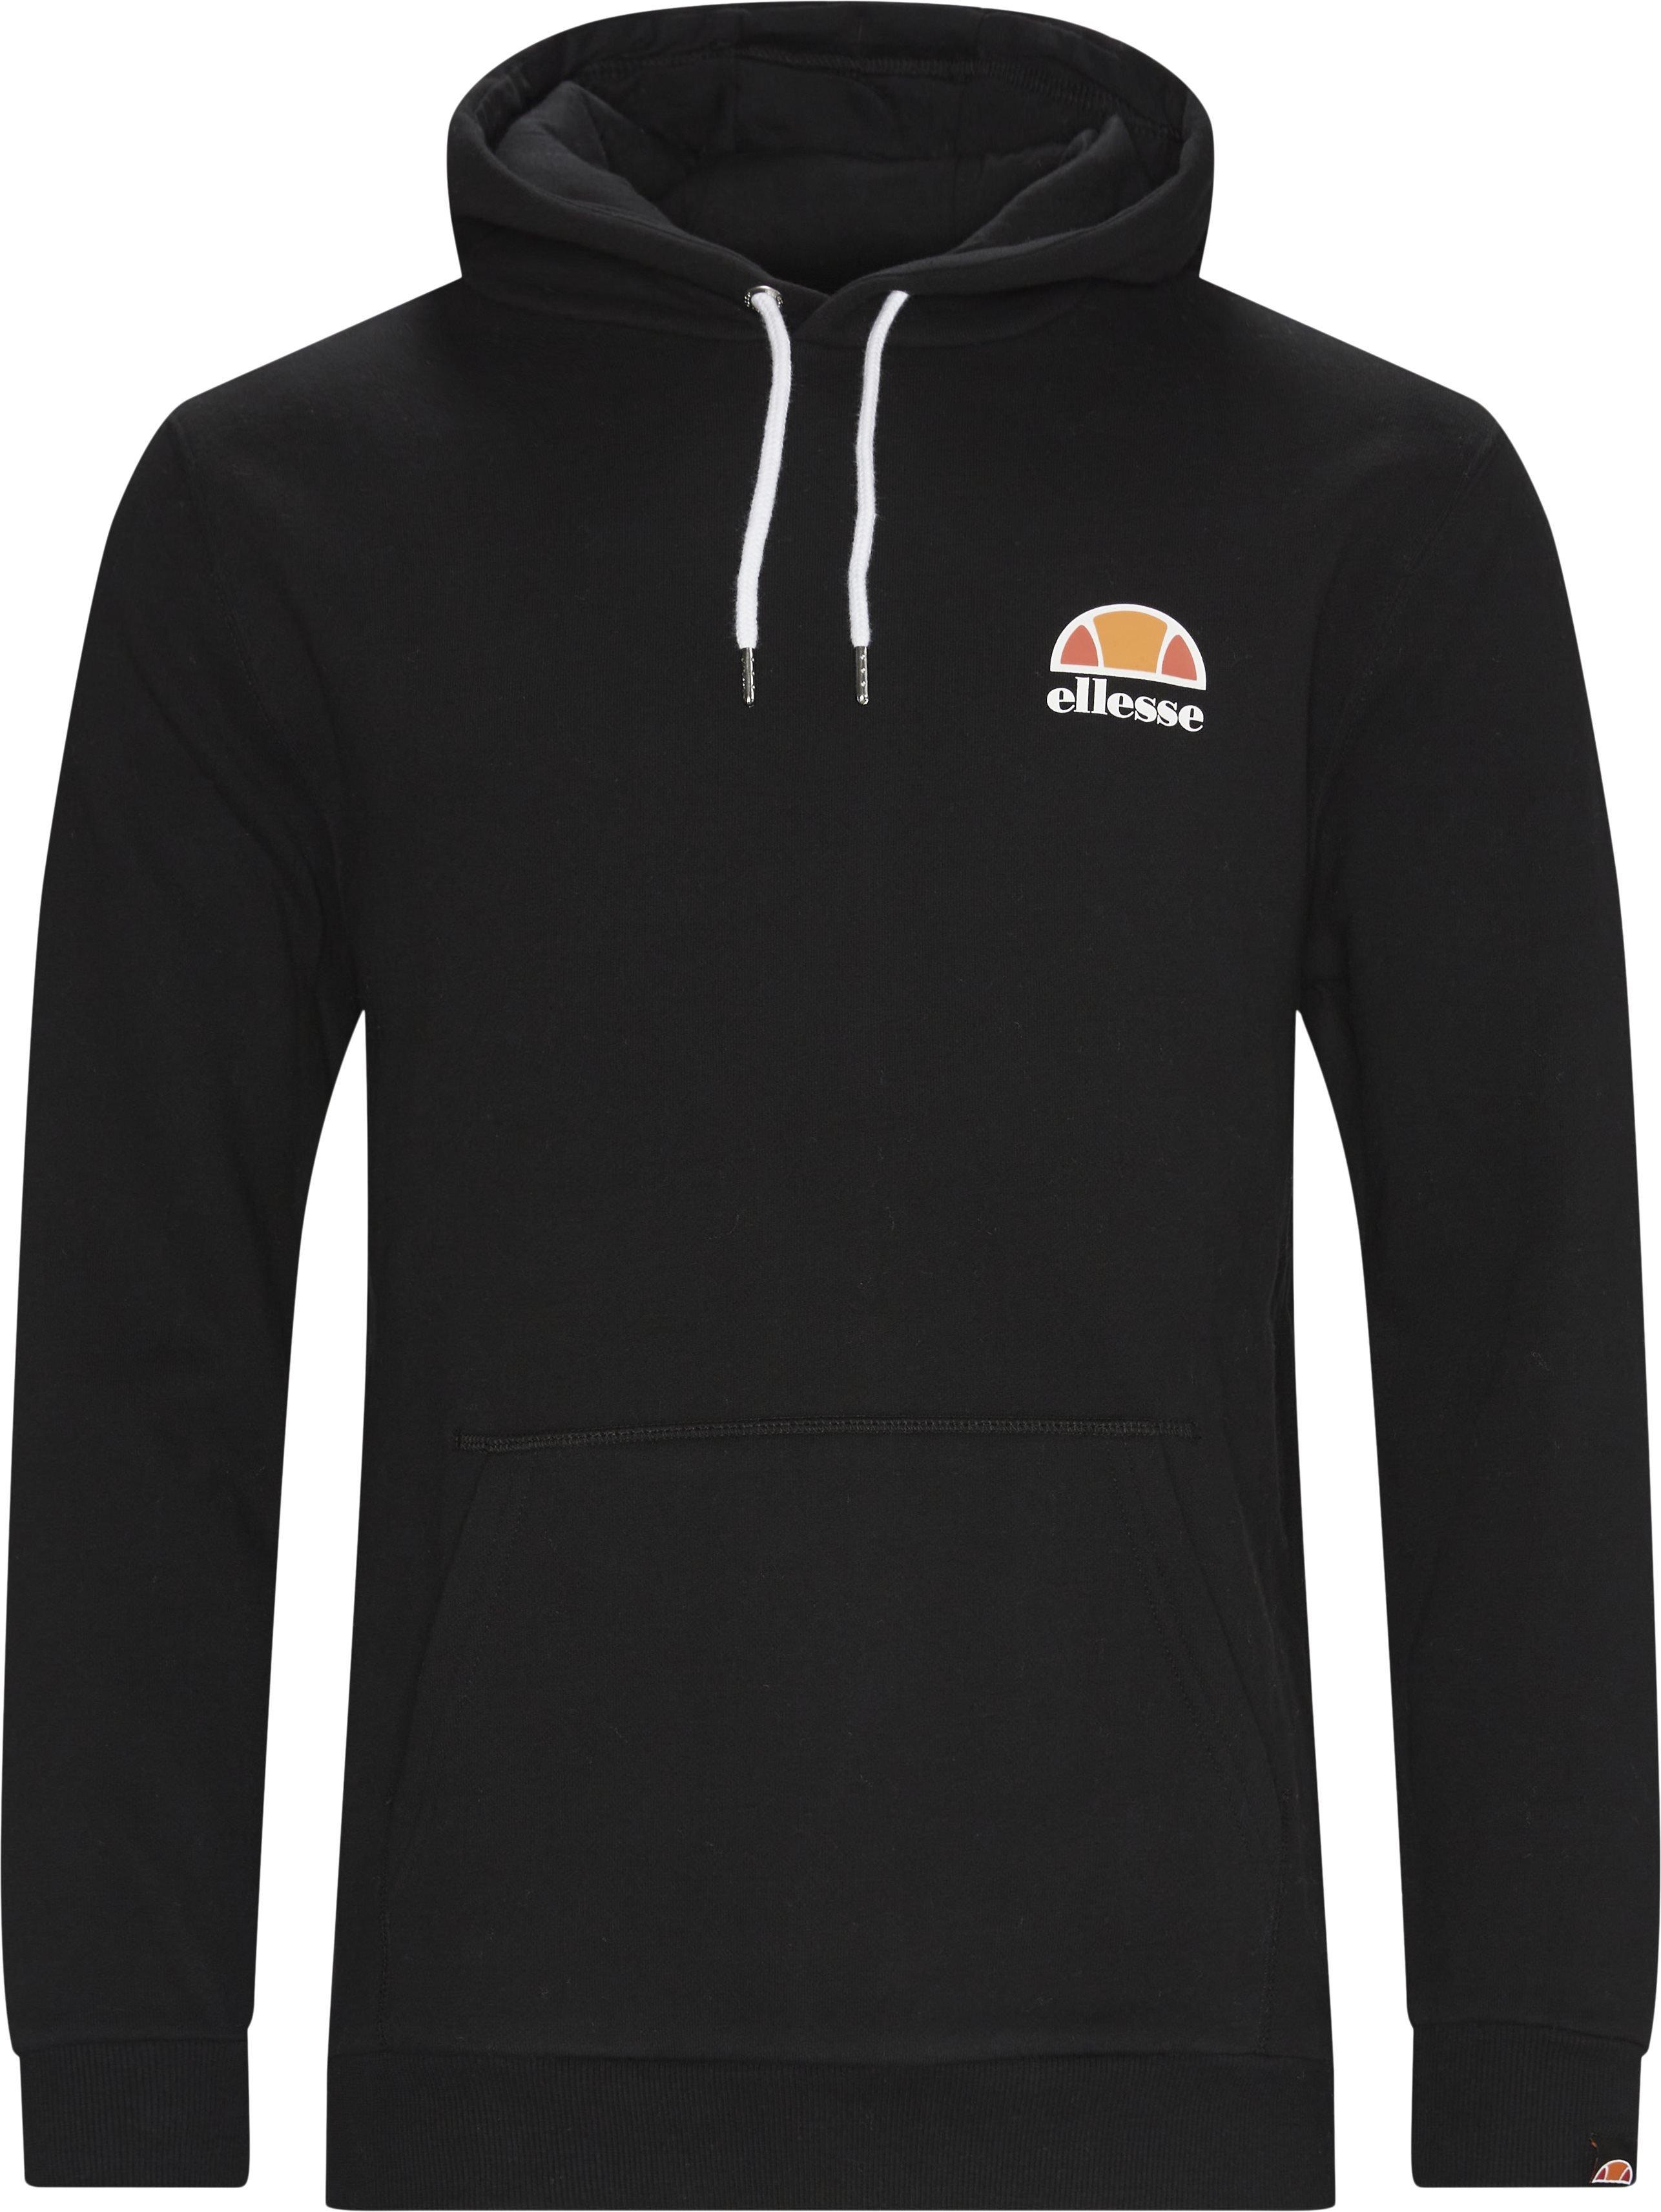 Toce Hoodie - Sweatshirts - Regular fit - Svart